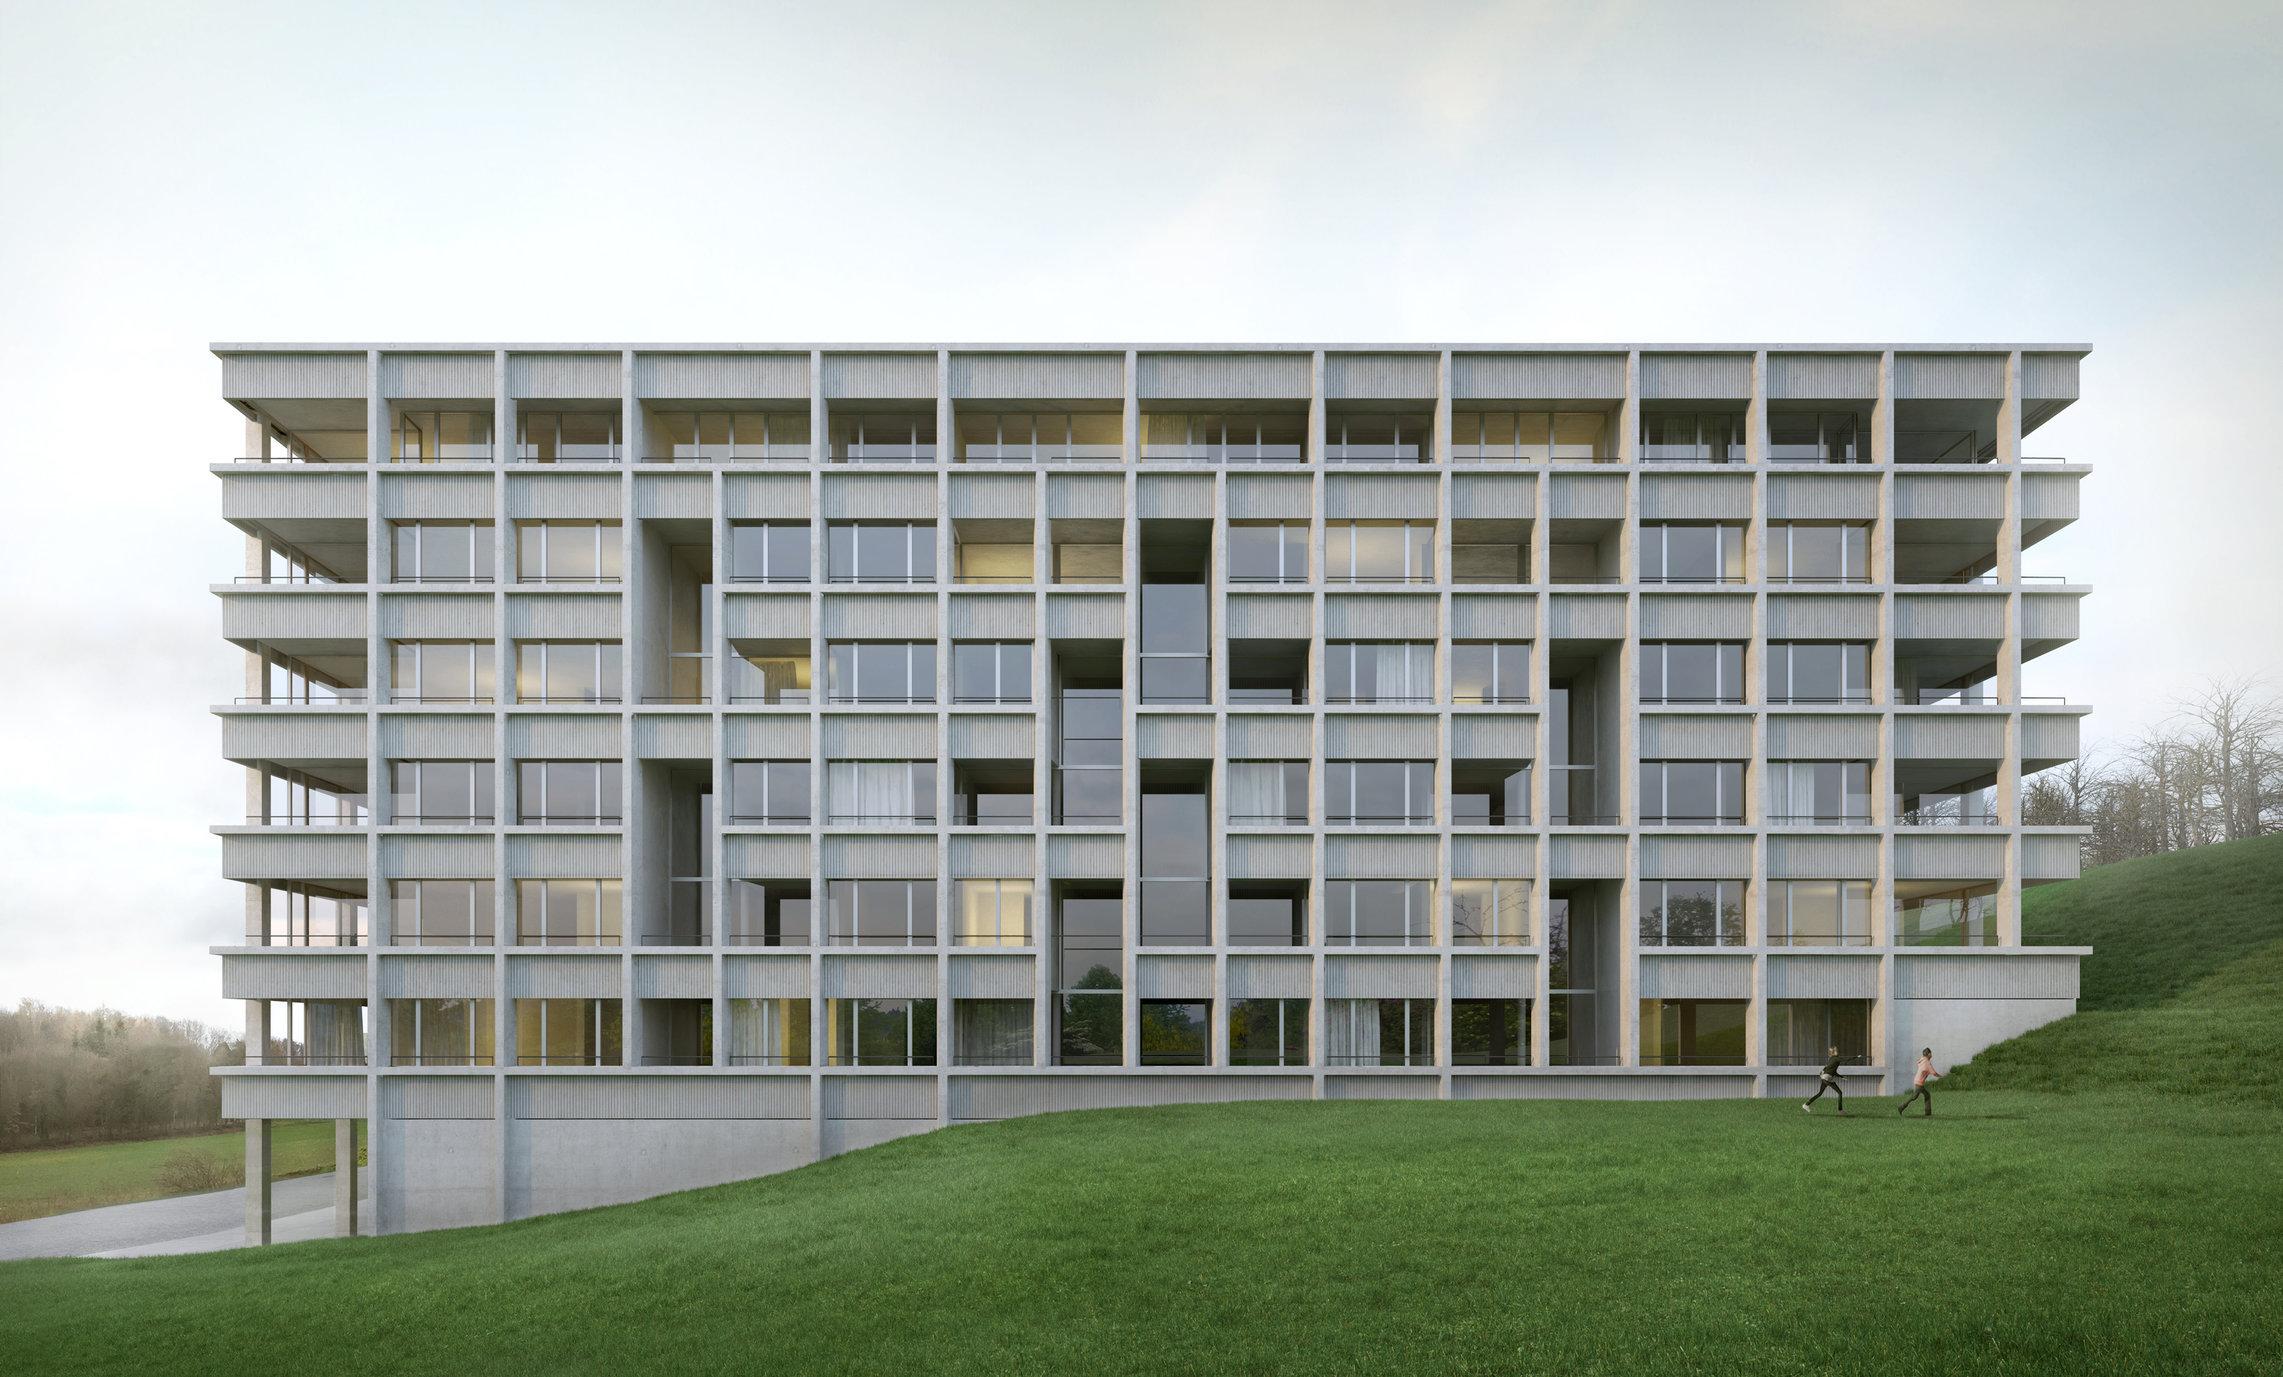 Guidotti Architetti and Stefano Moor